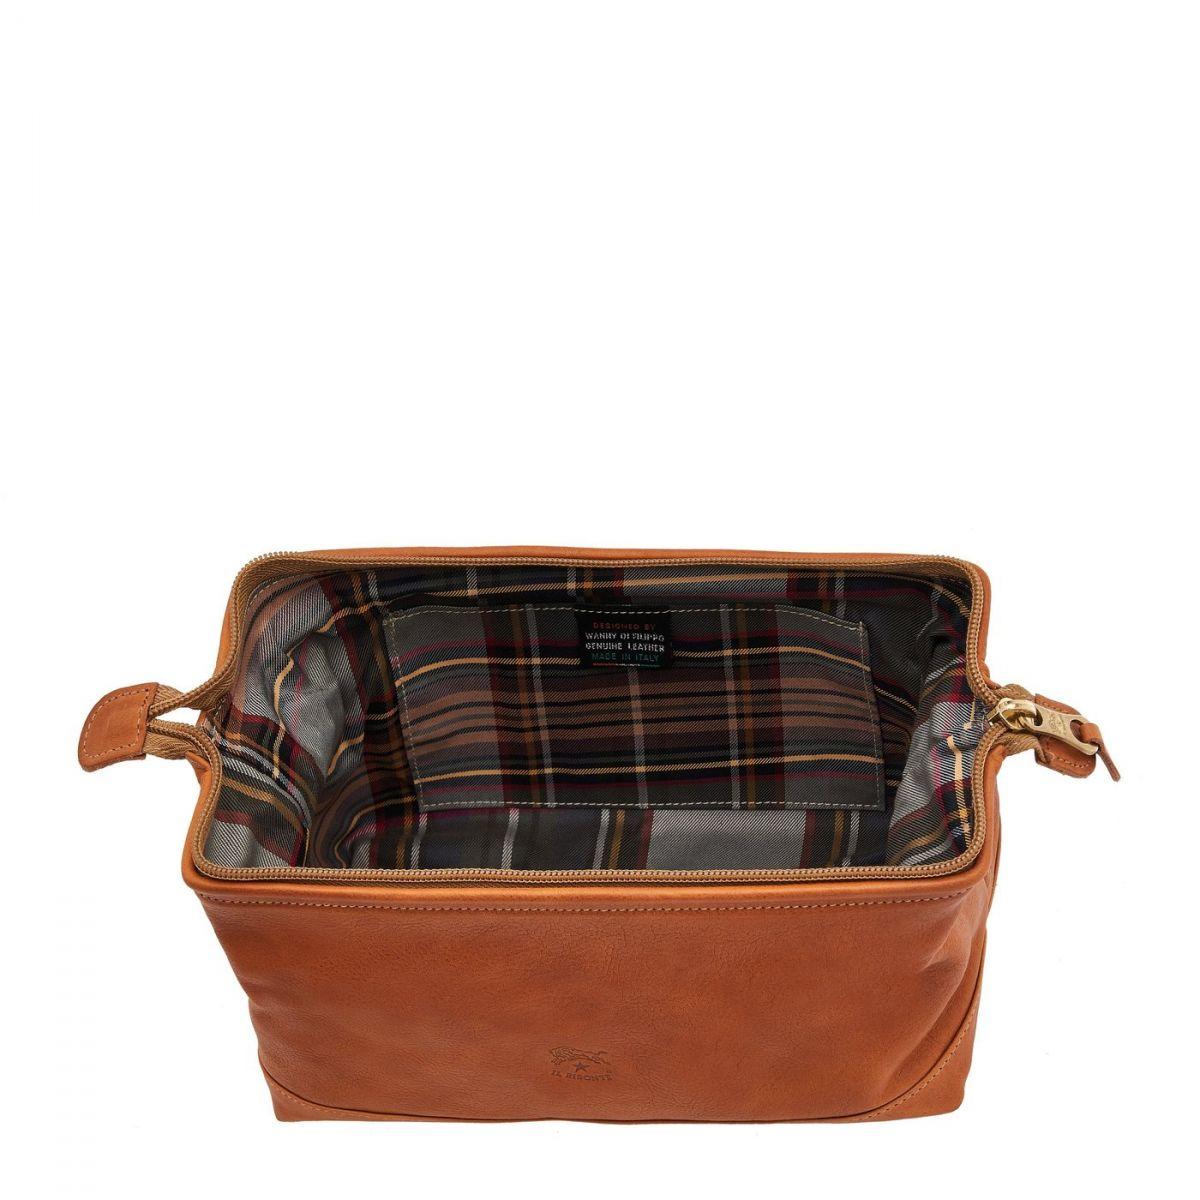 Men's Case  in Vintage Cowhide Leather SCA024 color Natural | Details